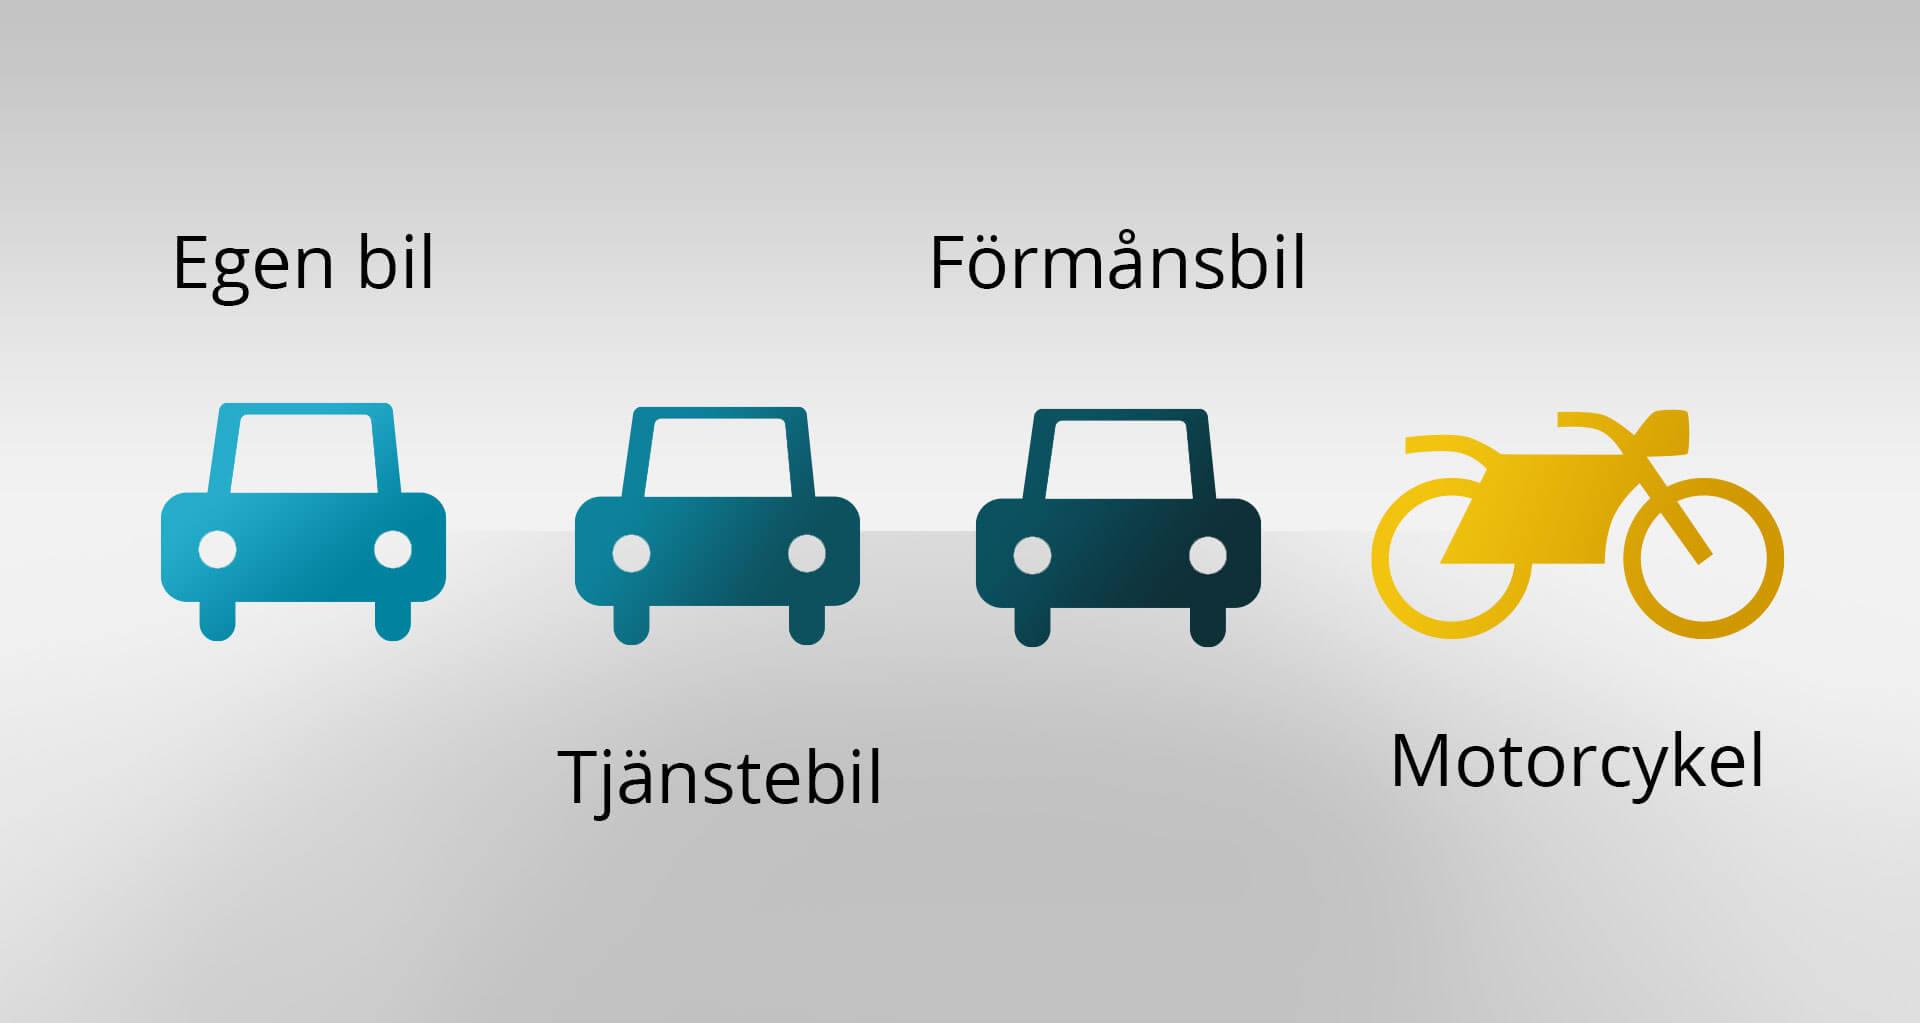 Få korrekt rapportering med funktionen för inställning av fordonstyp med QBIS miltal kompensationsverktyg